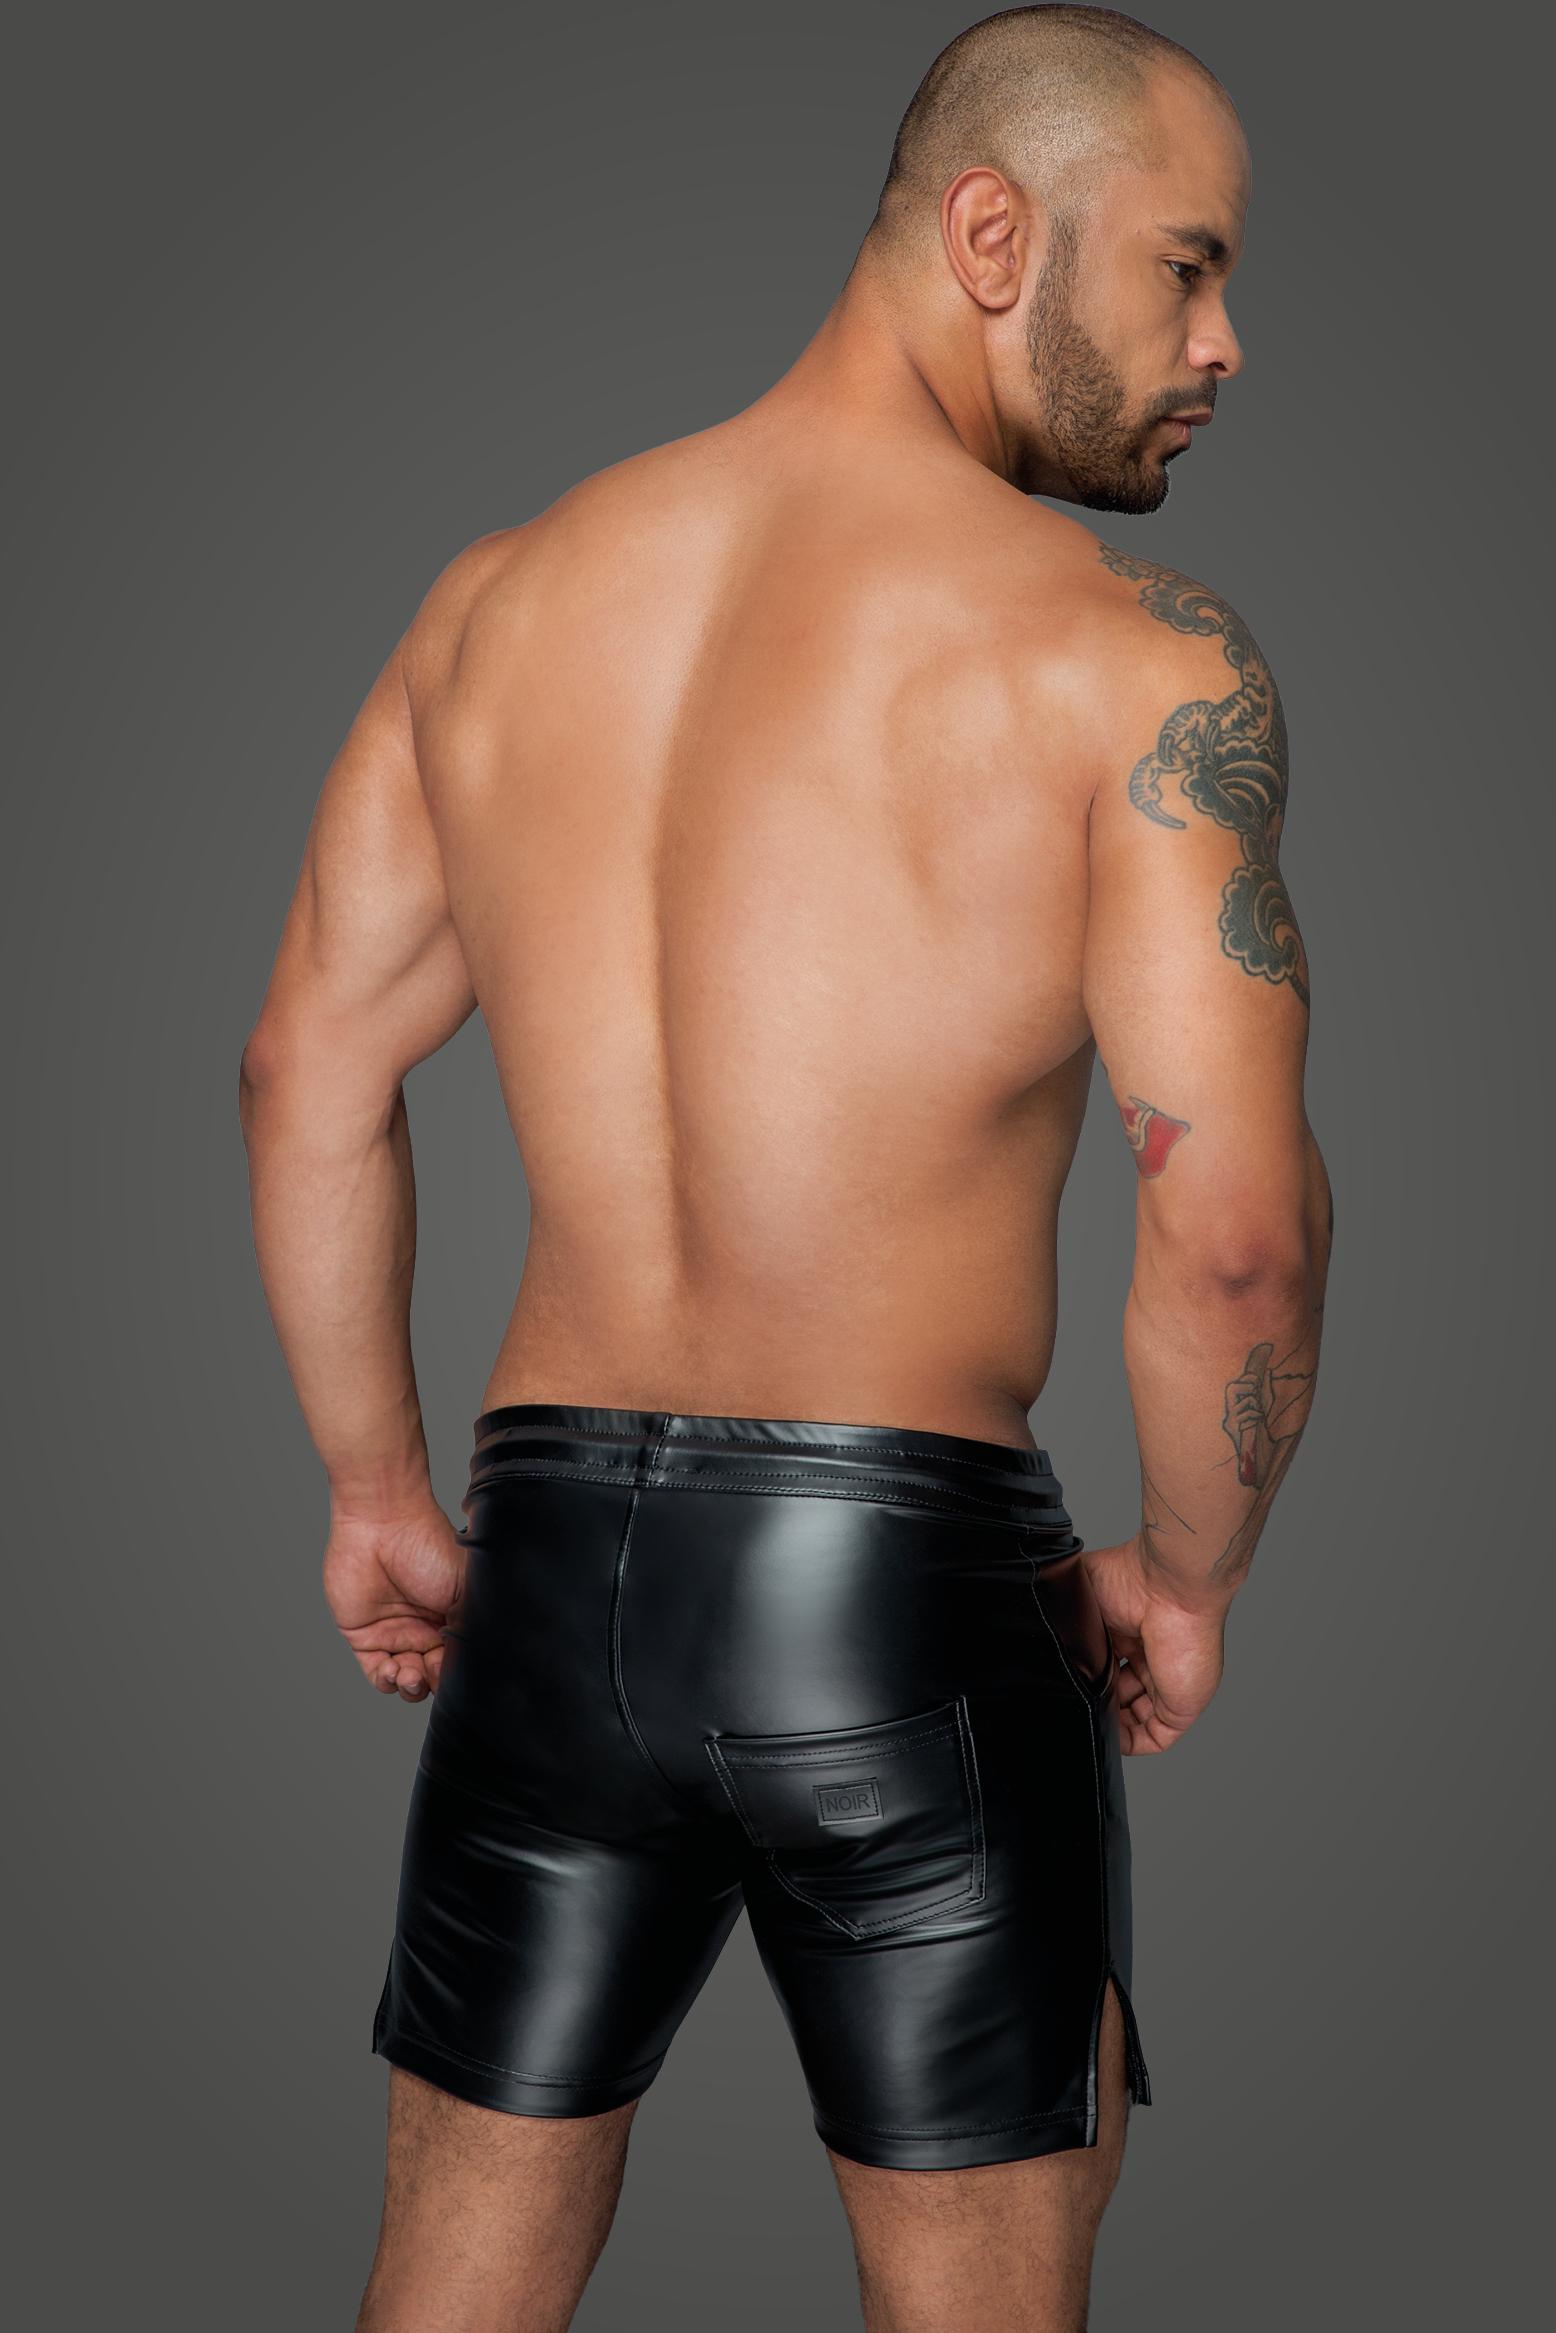 H061 Powerwetlook Shorts in angesagter Länge